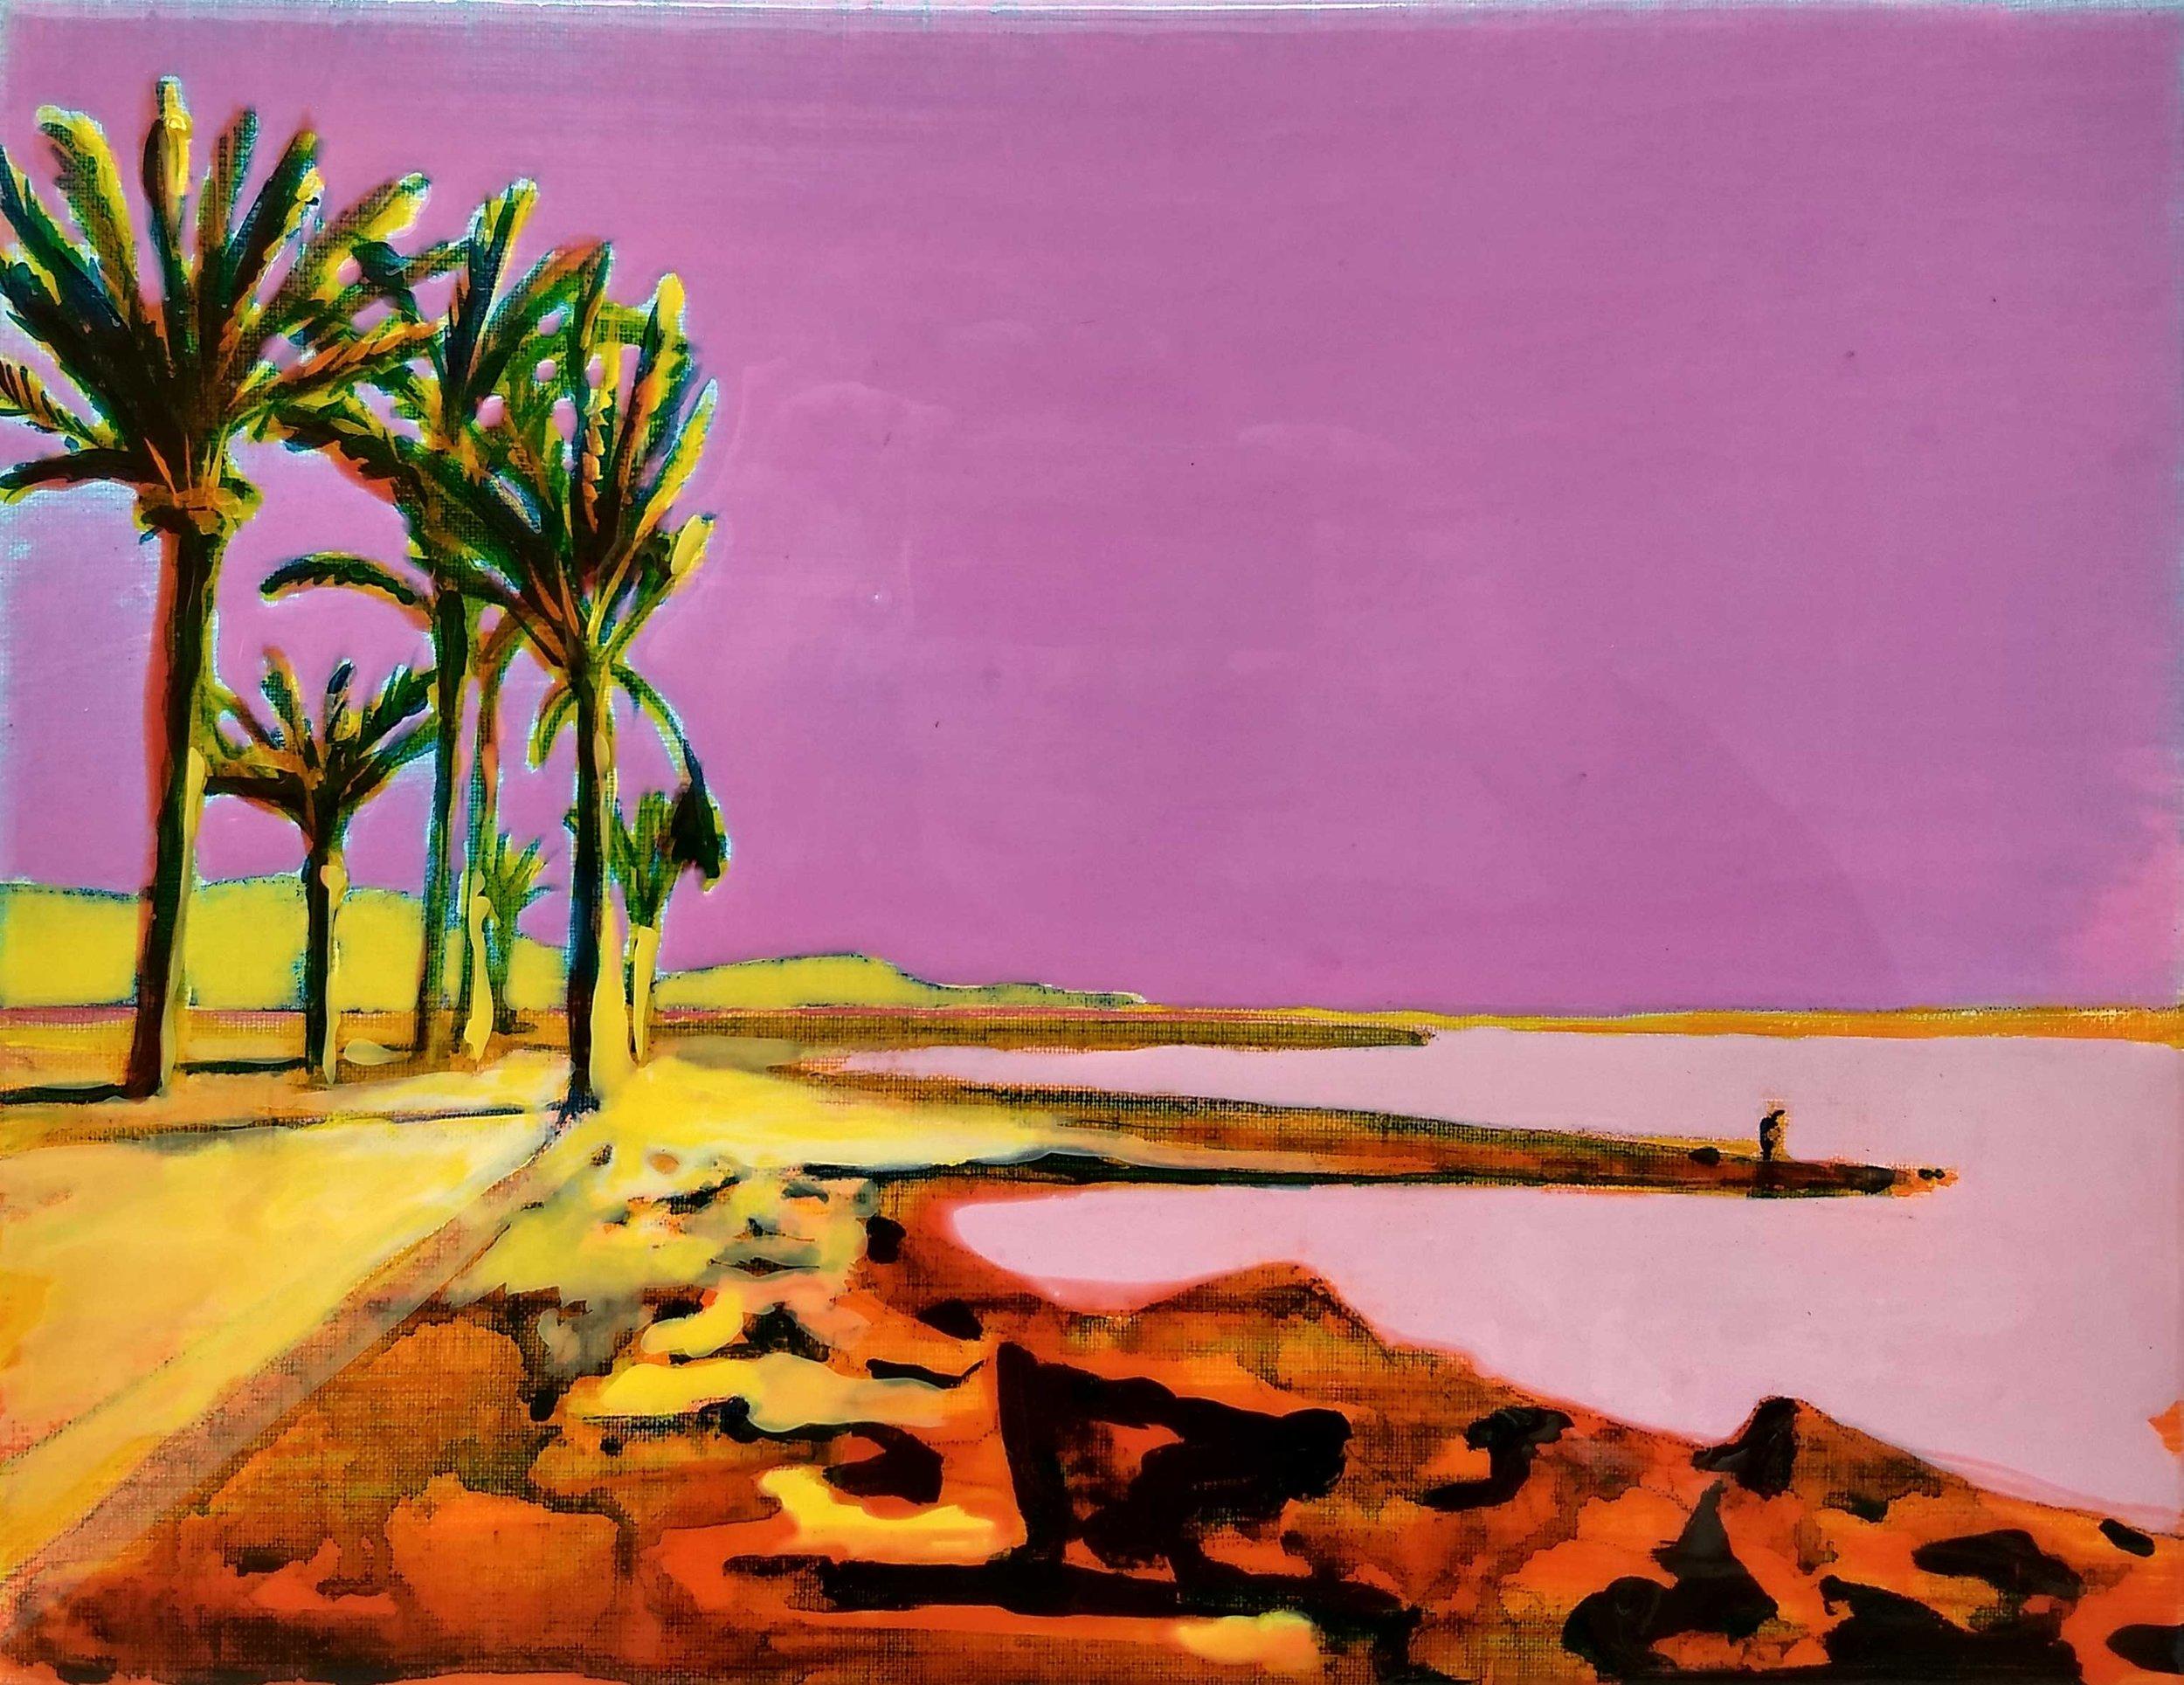 PLAYA DE LAS AMÉRICAS  Acrylic and epoxy on canvas 30 x 40 cm